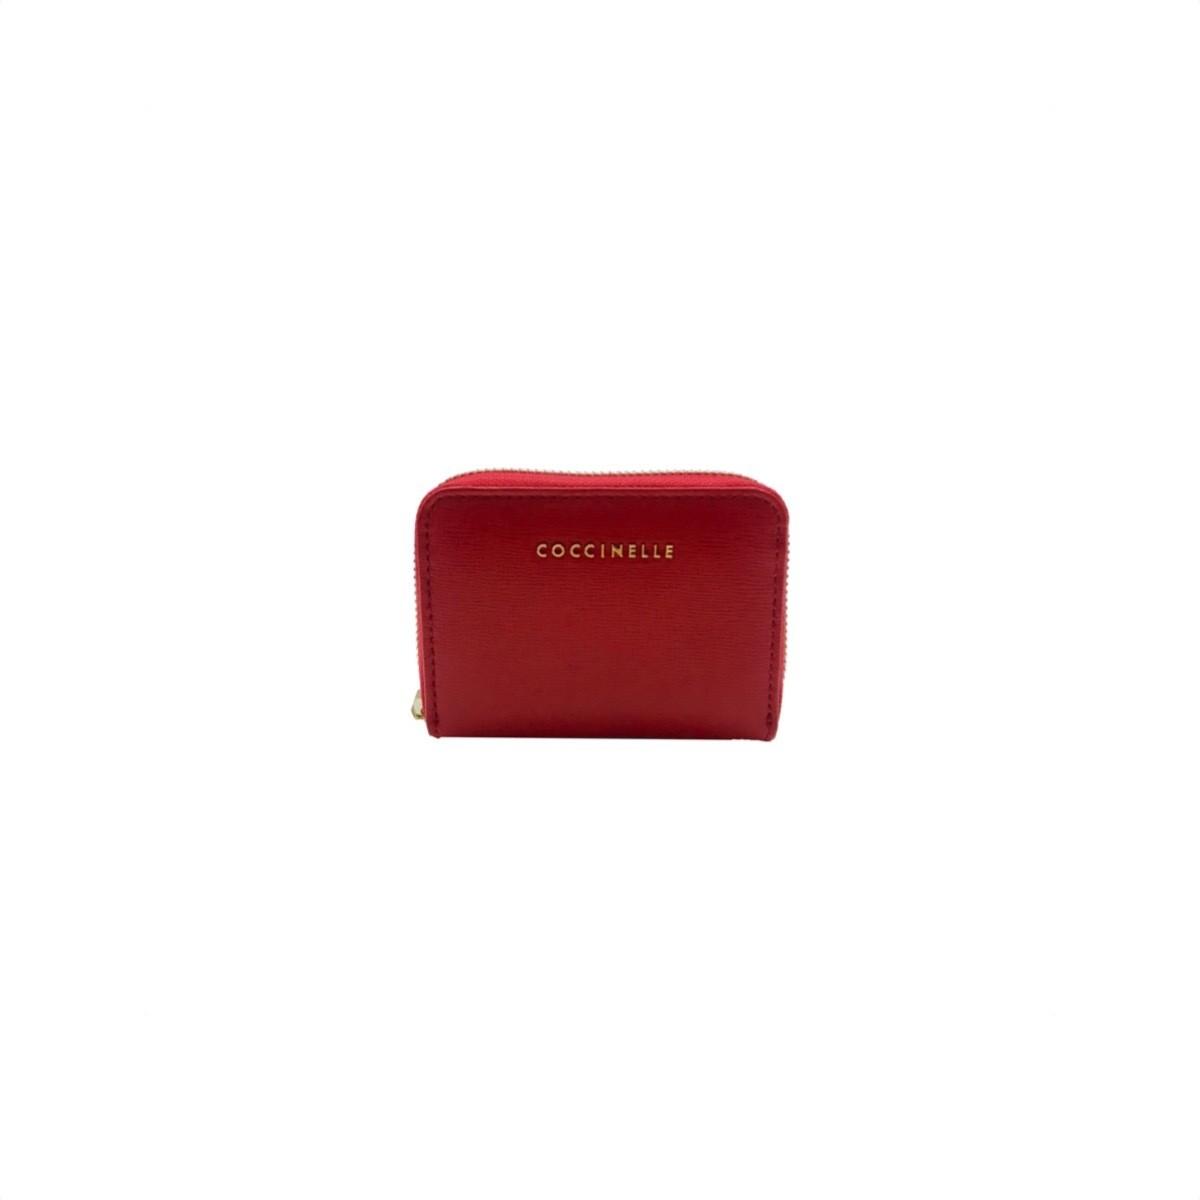 COCCINELLE - Metallic Saffiano Portacarte - Coquelicot